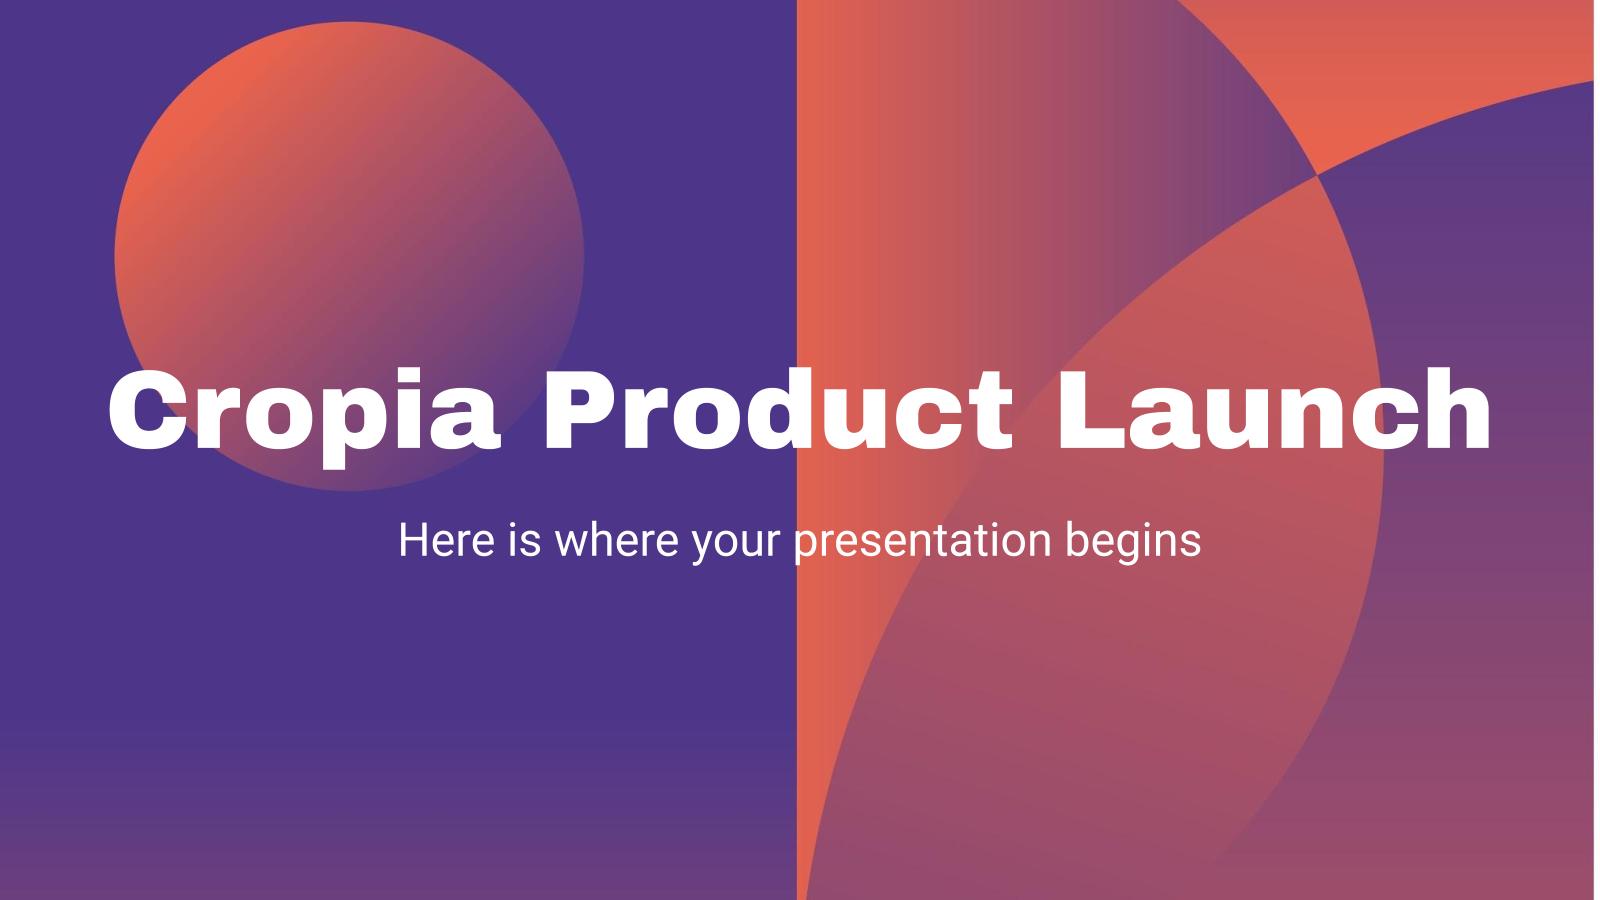 Plantilla de presentación Lanzamiento de producto Cropia